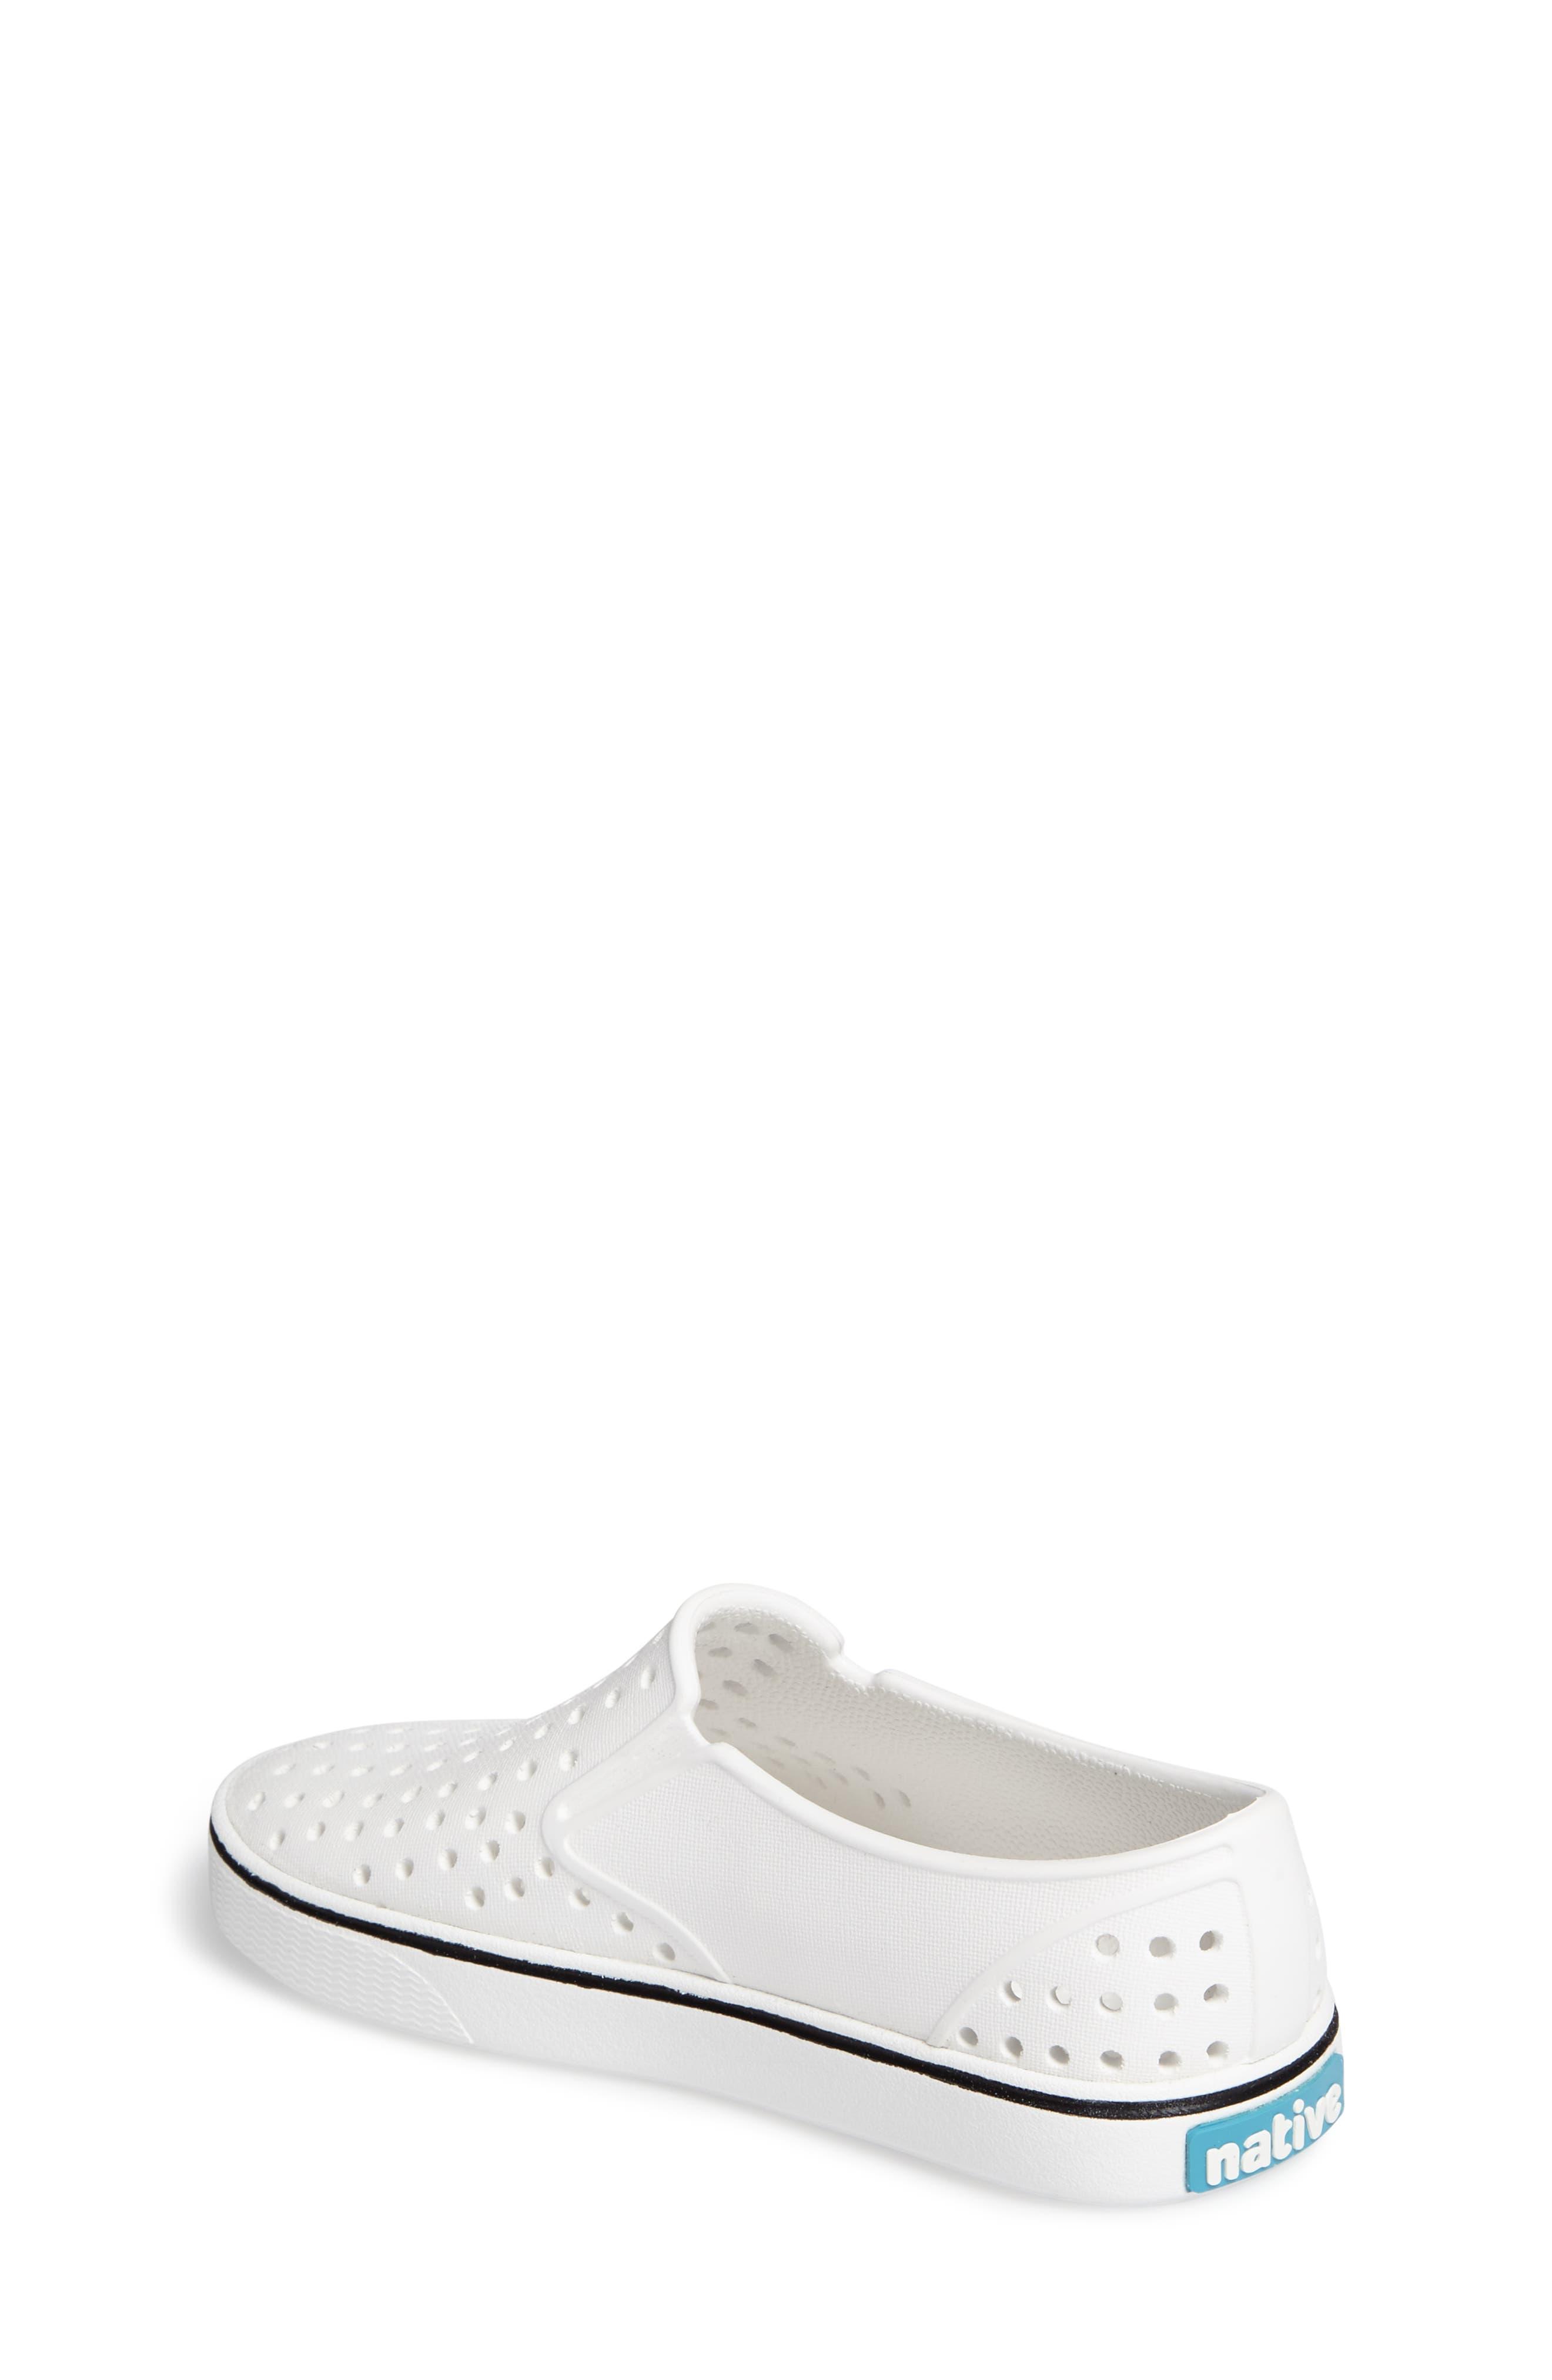 Miles Water Friendly Slip-On Sneaker,                             Alternate thumbnail 2, color,                             SHELL WHITE